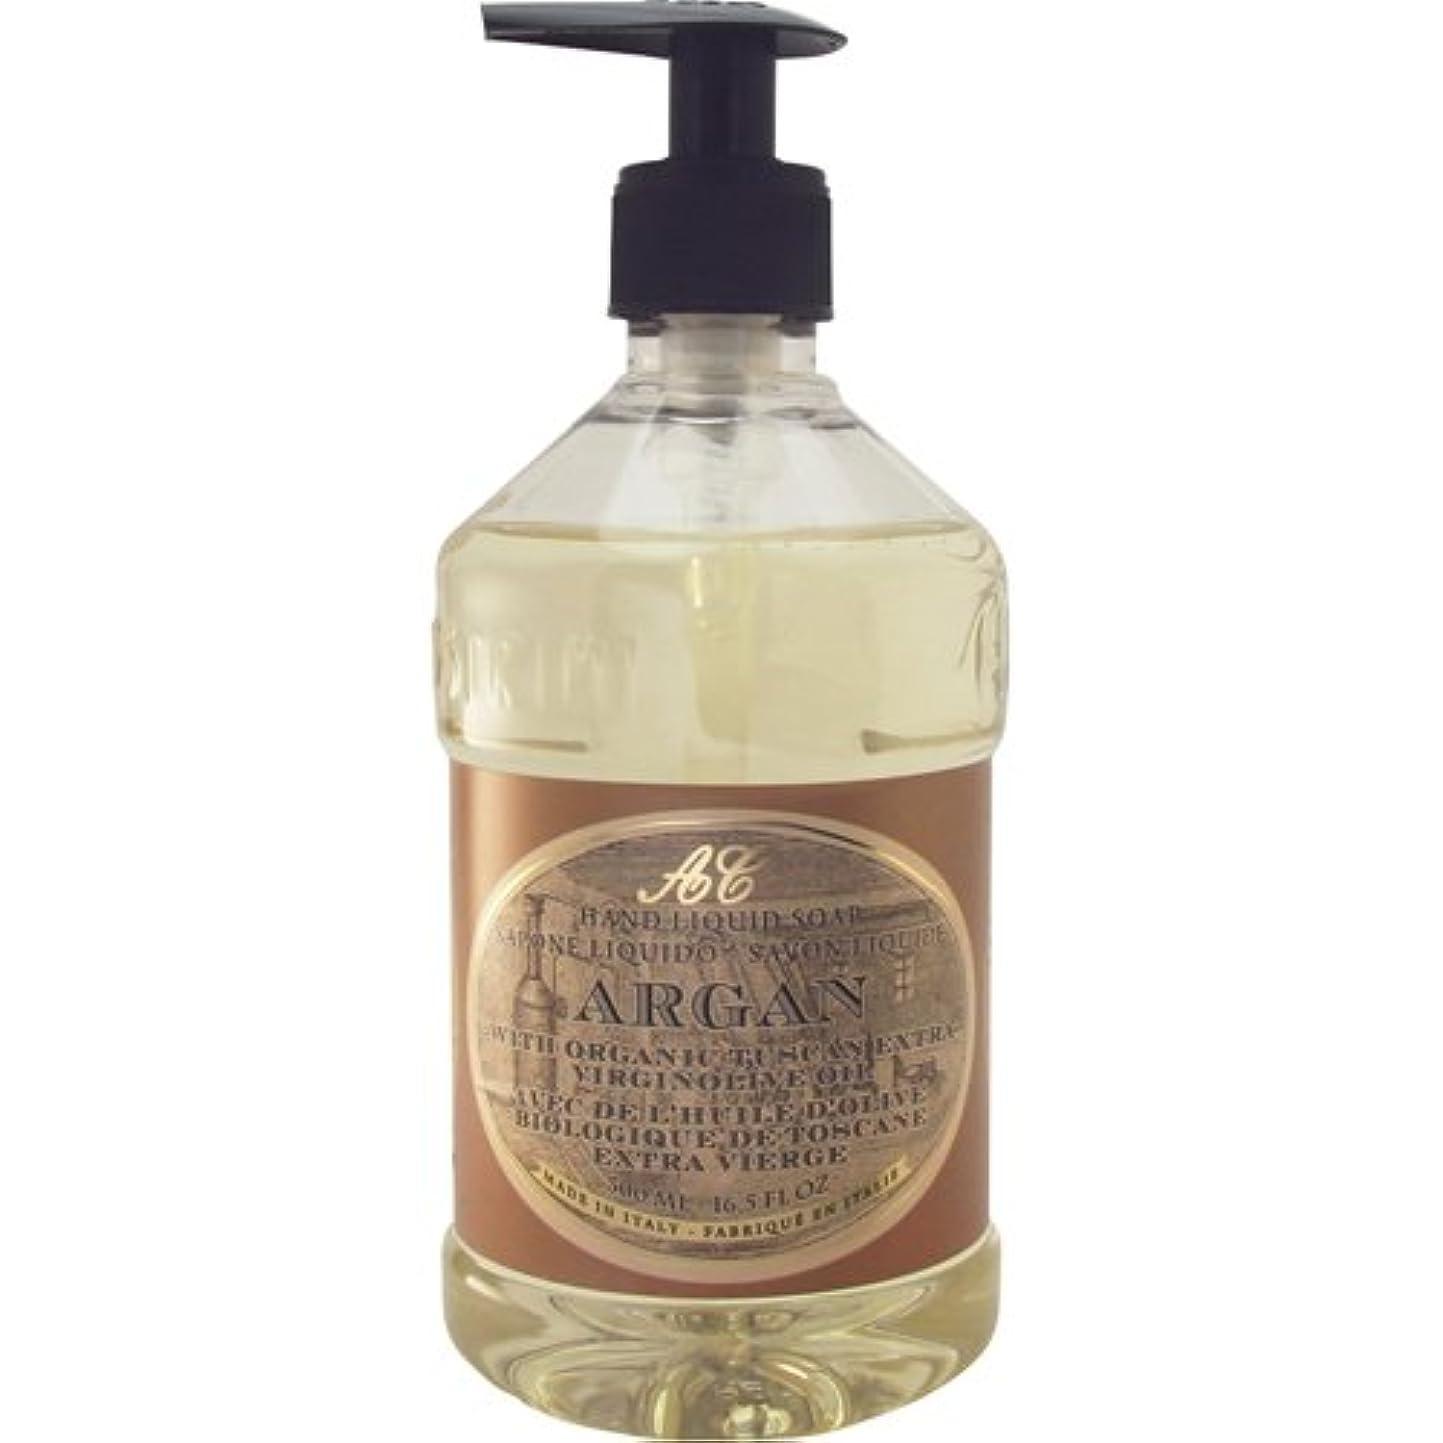 シェフ咳天Saponerire Fissi レトロシリーズ Liquid Soap リキッドソープ 500ml Argan アルガンオイル